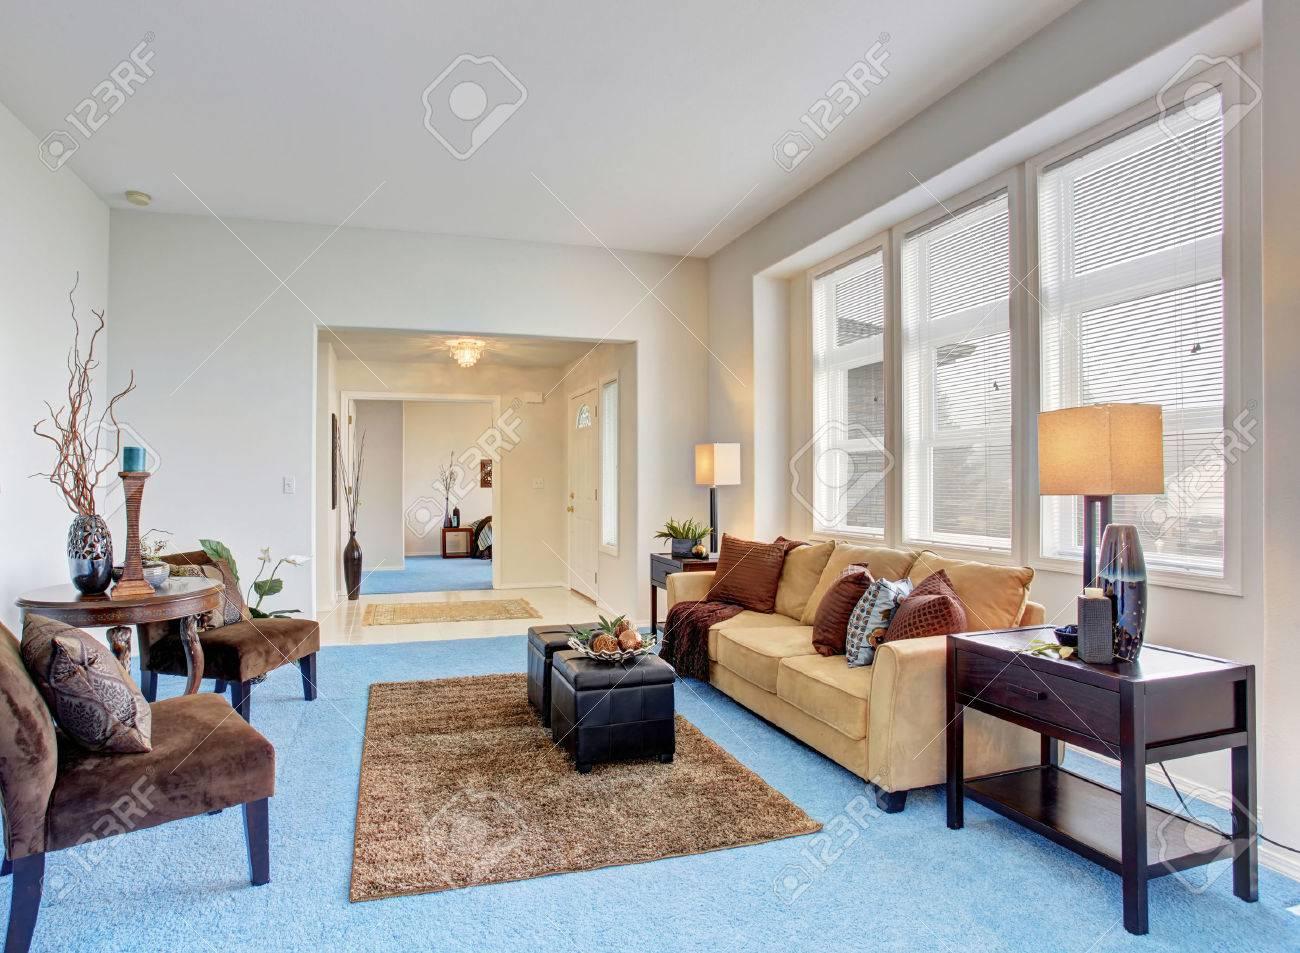 Georgous Wohnzimmer Mit Hellen Blauen Teppich Und Schöne Einrichtung